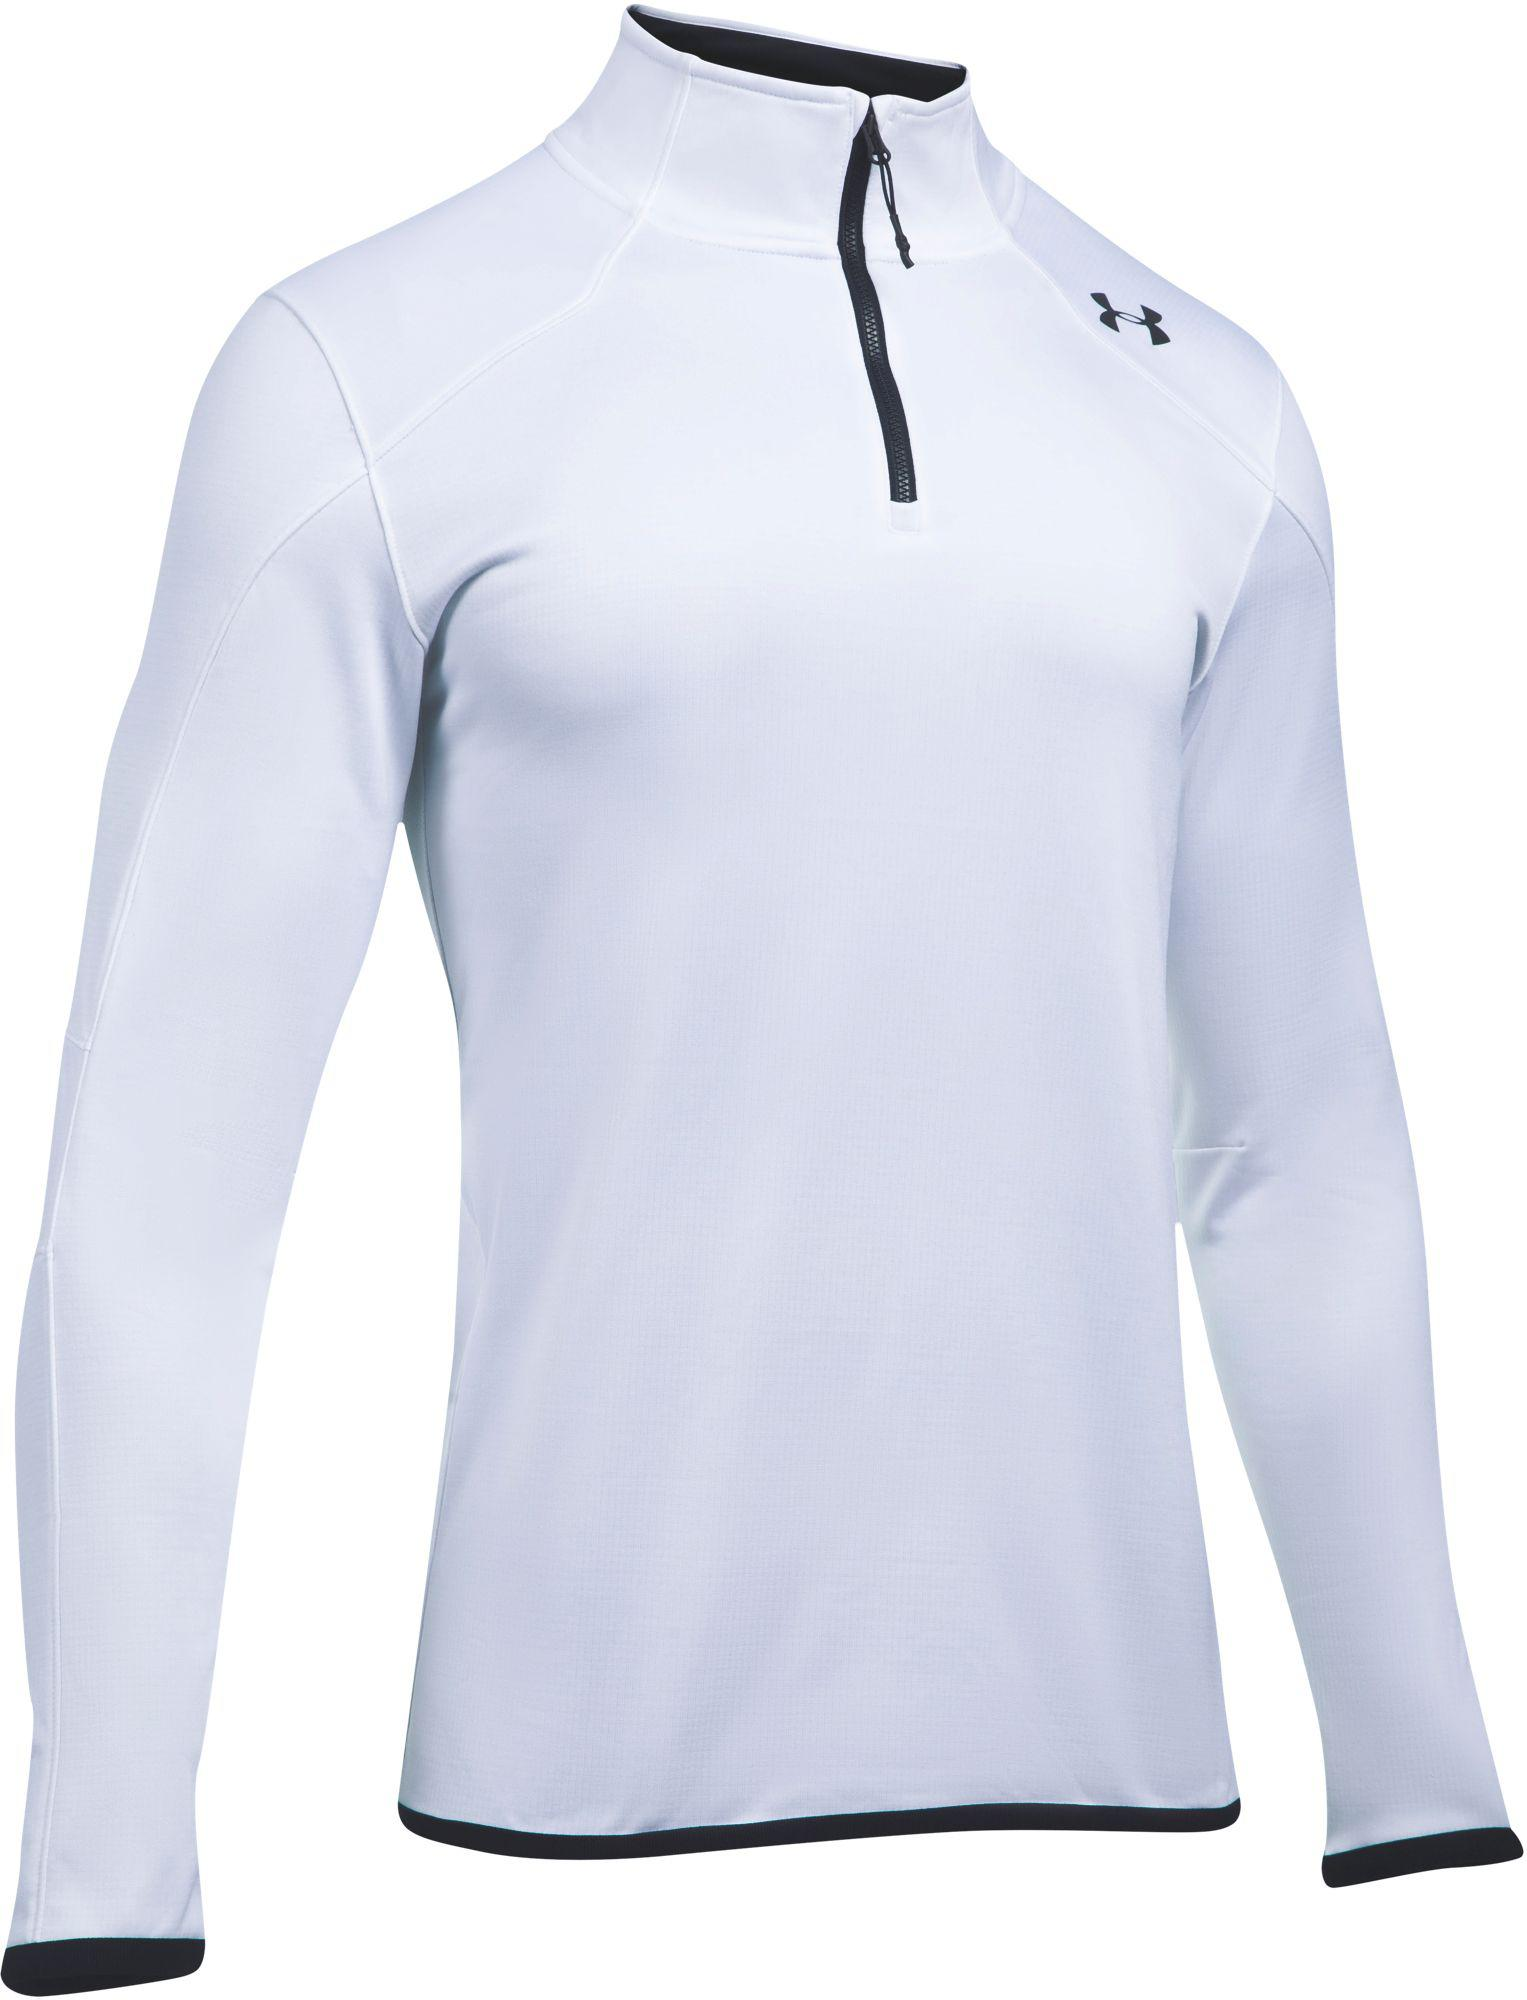 Lyst - Under Armour Coldgear Reactor 1 4 Zip Long Sleeve T-shirt in ... 6a9b04fd4